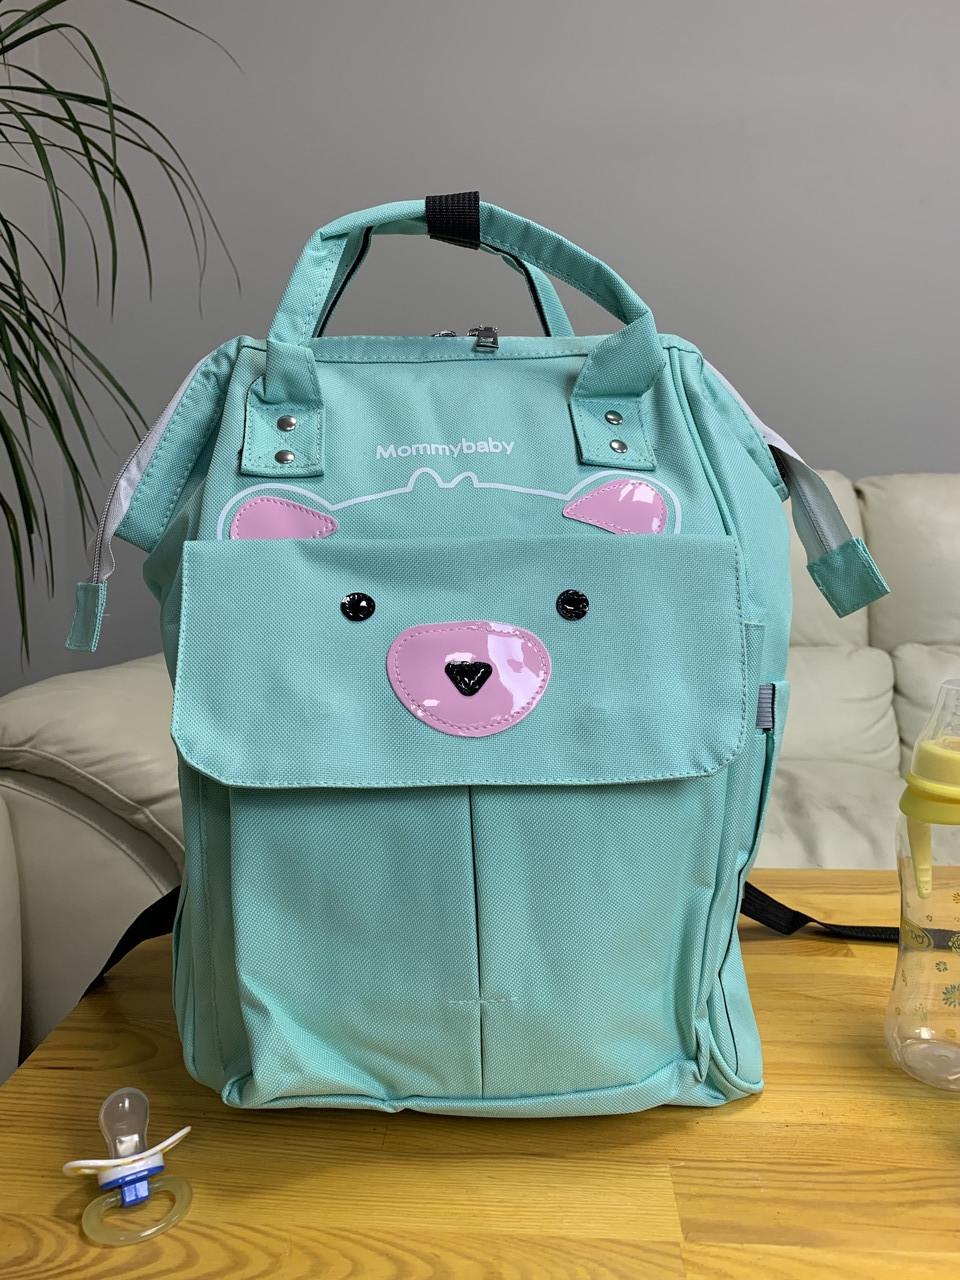 Сумка - рюкзак для мам Mommybaby/Мами бэйби  ->  бирюзовый цвет